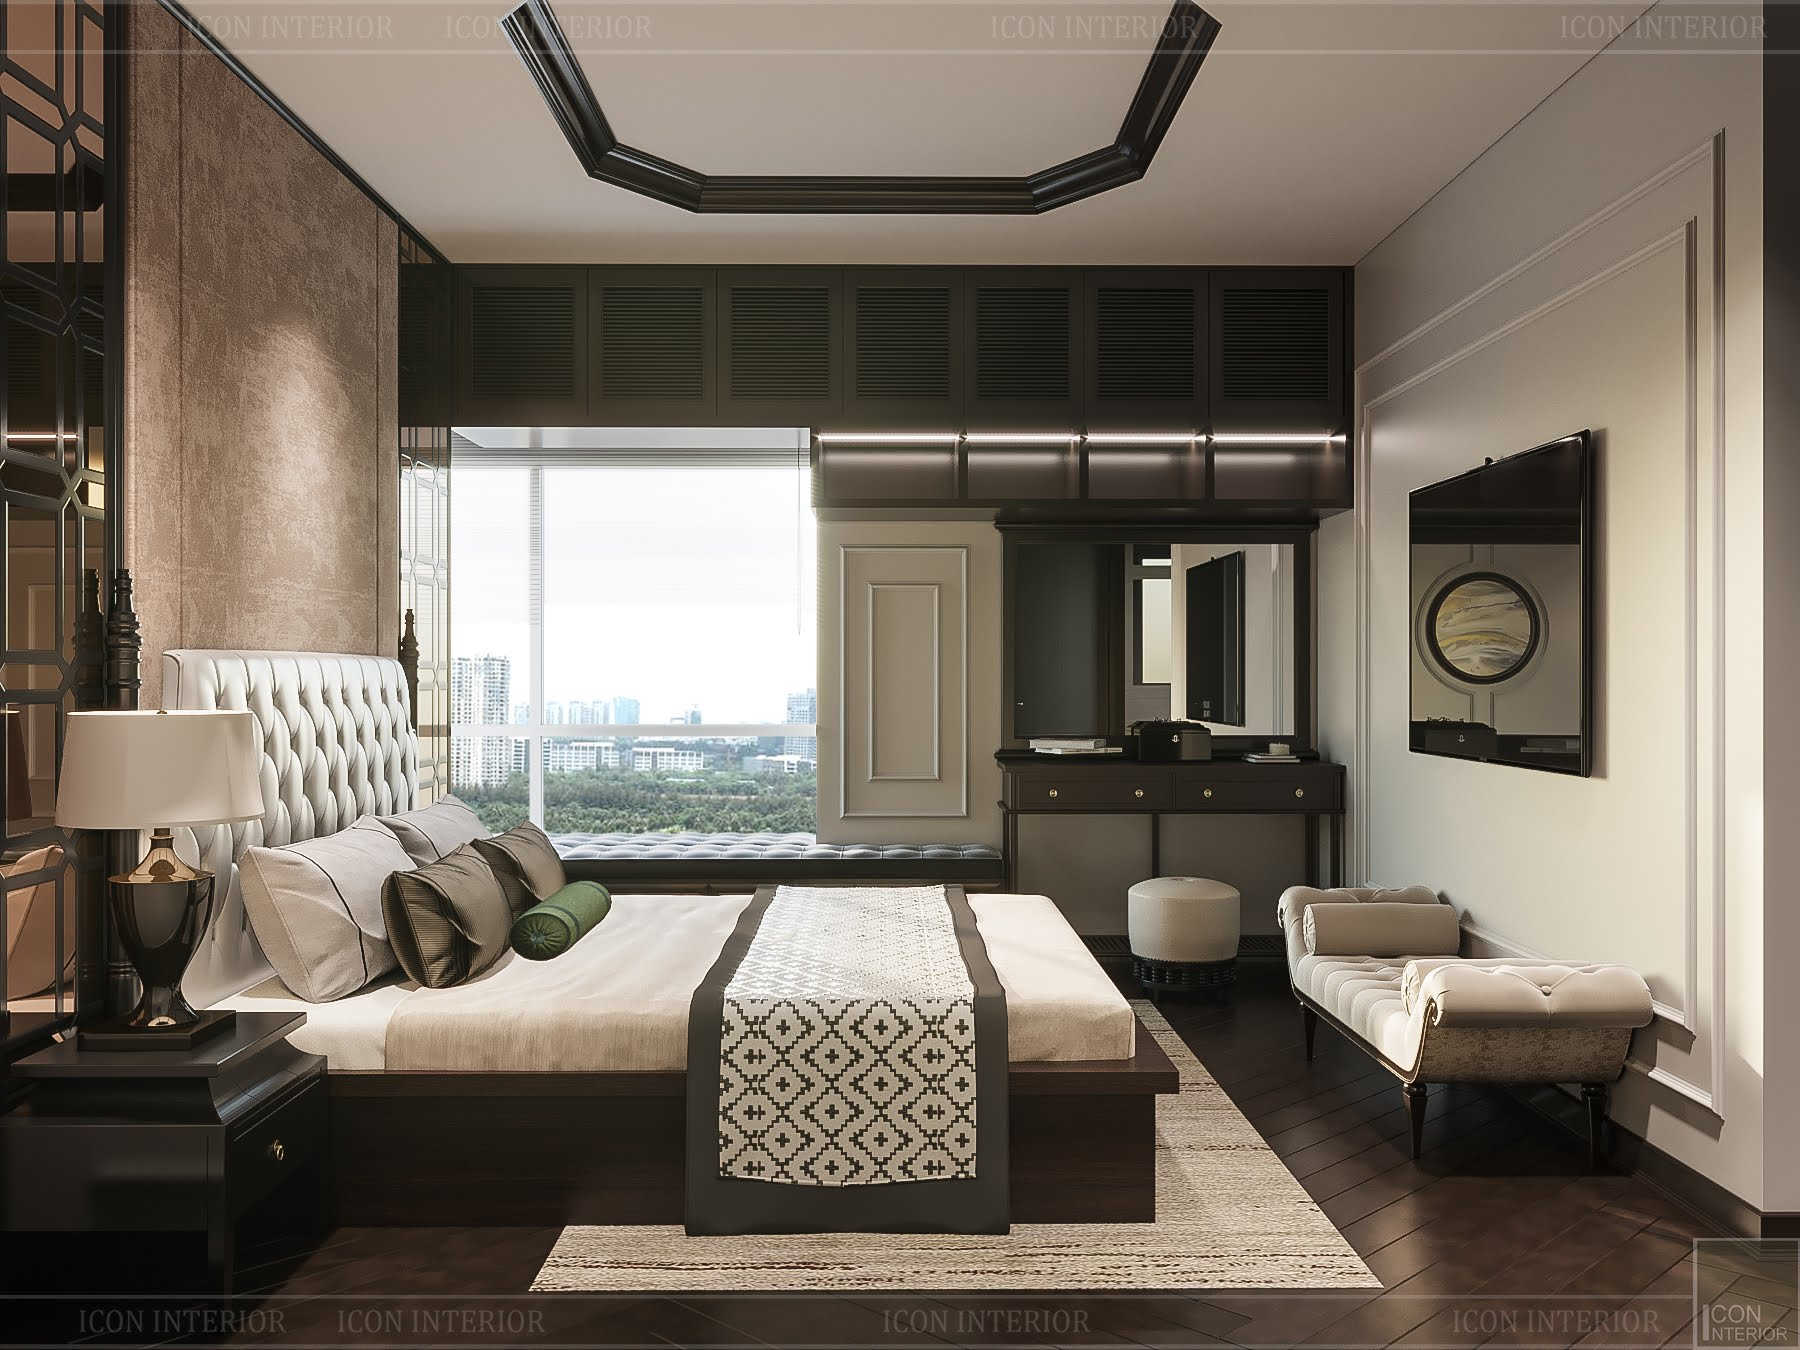 thiết kế căn hộ đập thông - phòng ngủ master 4